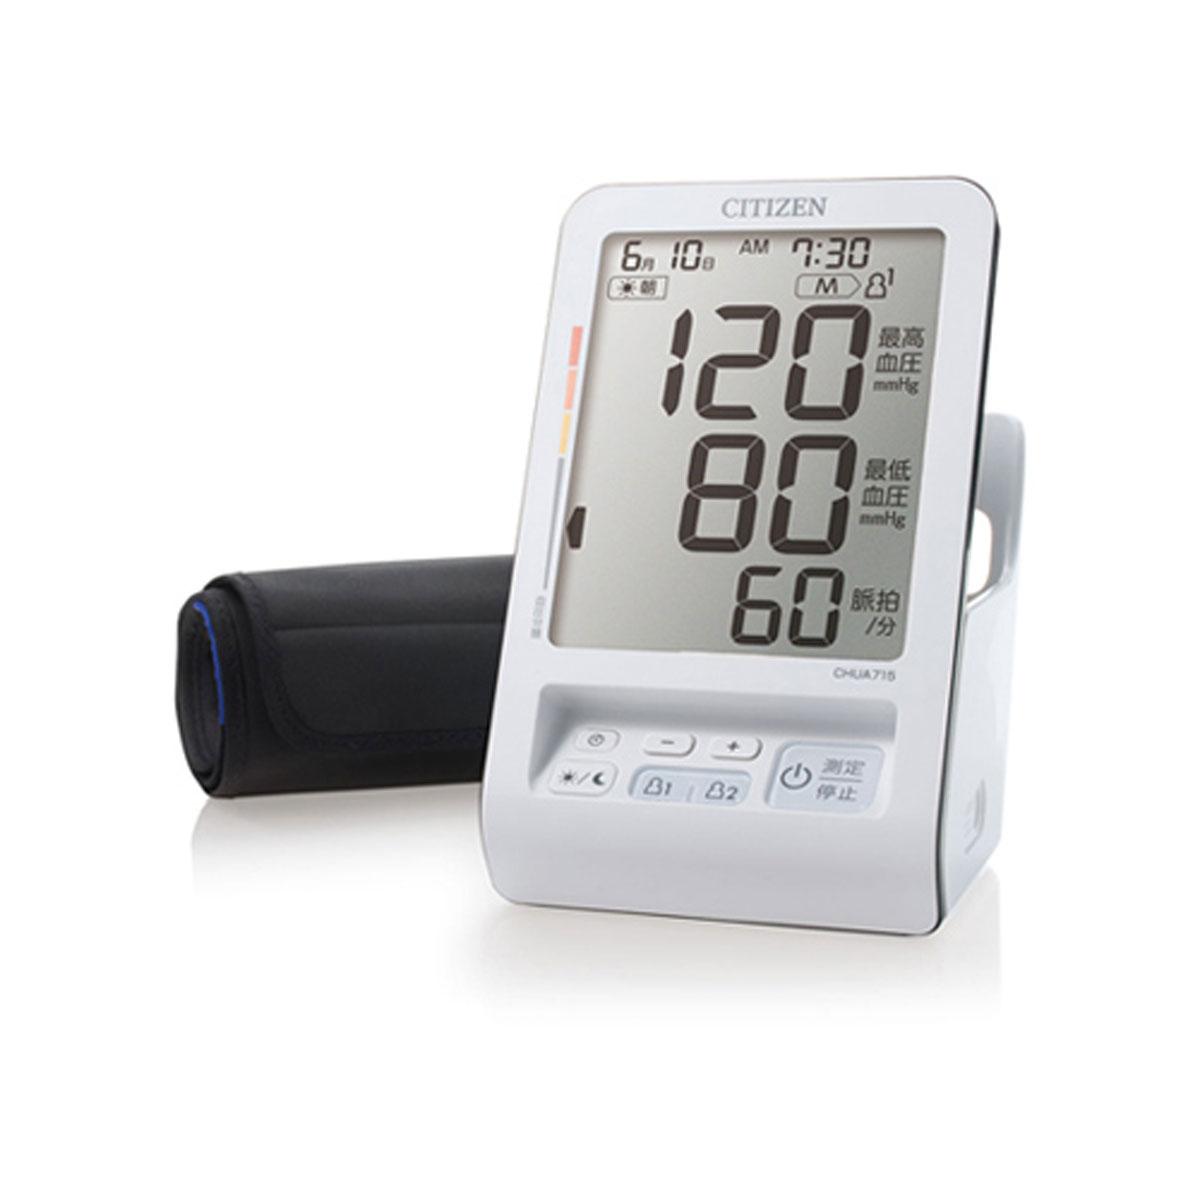 【送料無料】シチズン上腕式血圧計 ハードカフ CHUA715